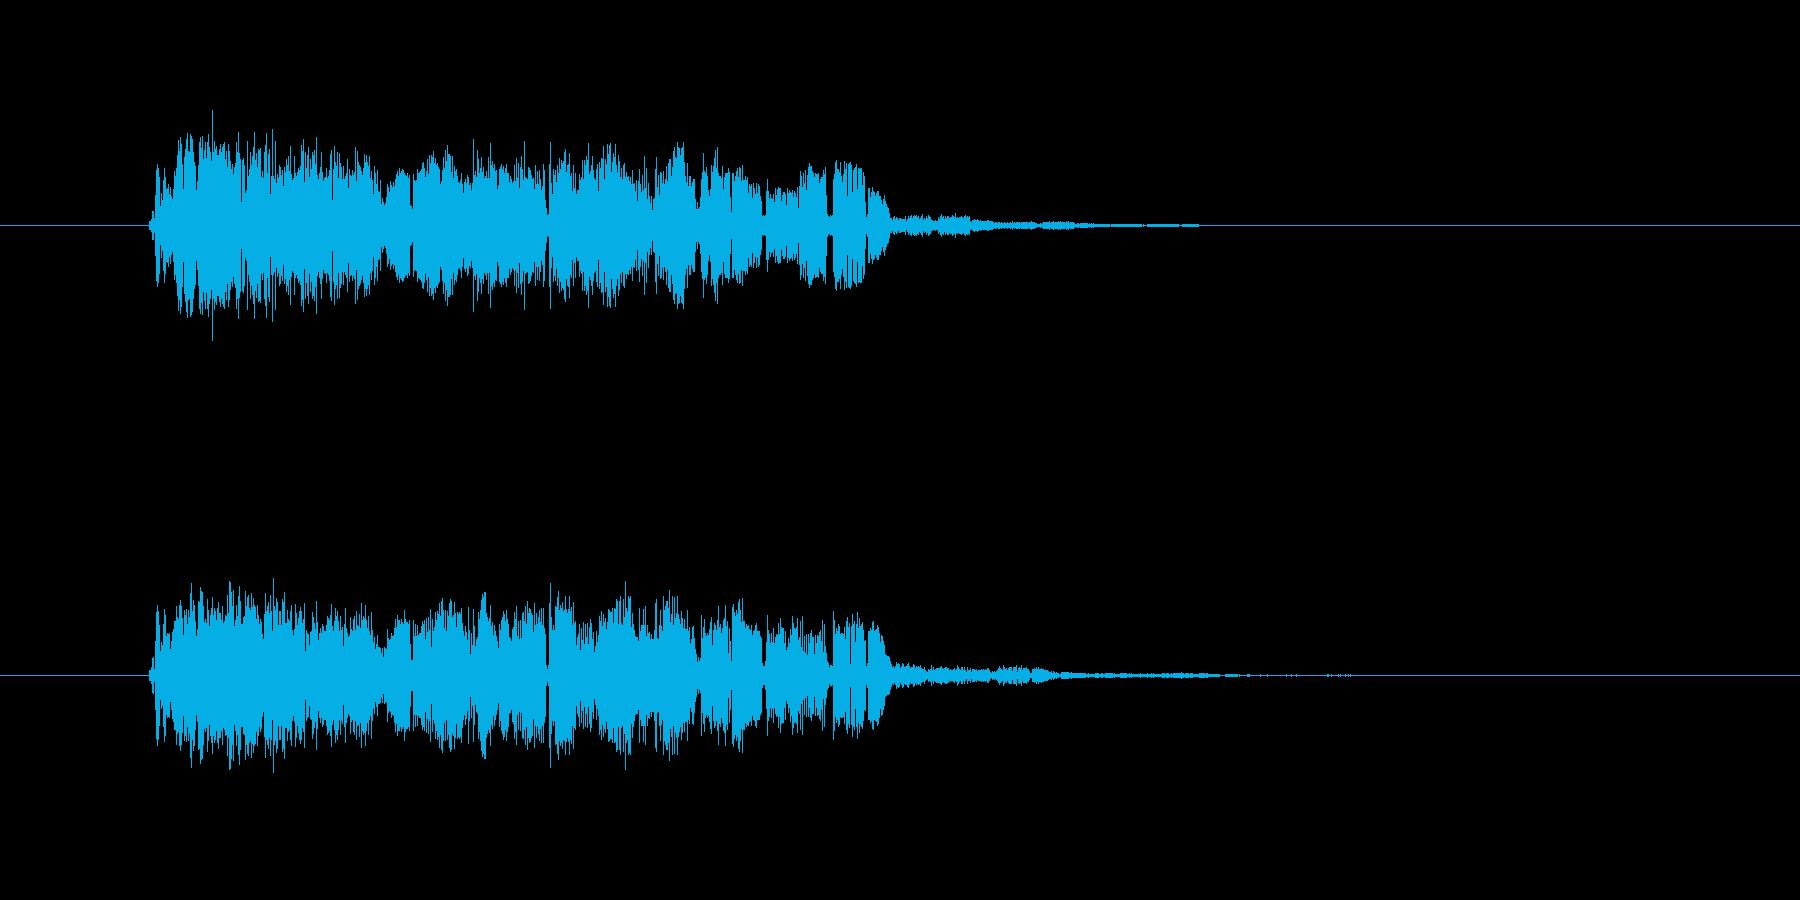 レトロなコンピューター音の再生済みの波形